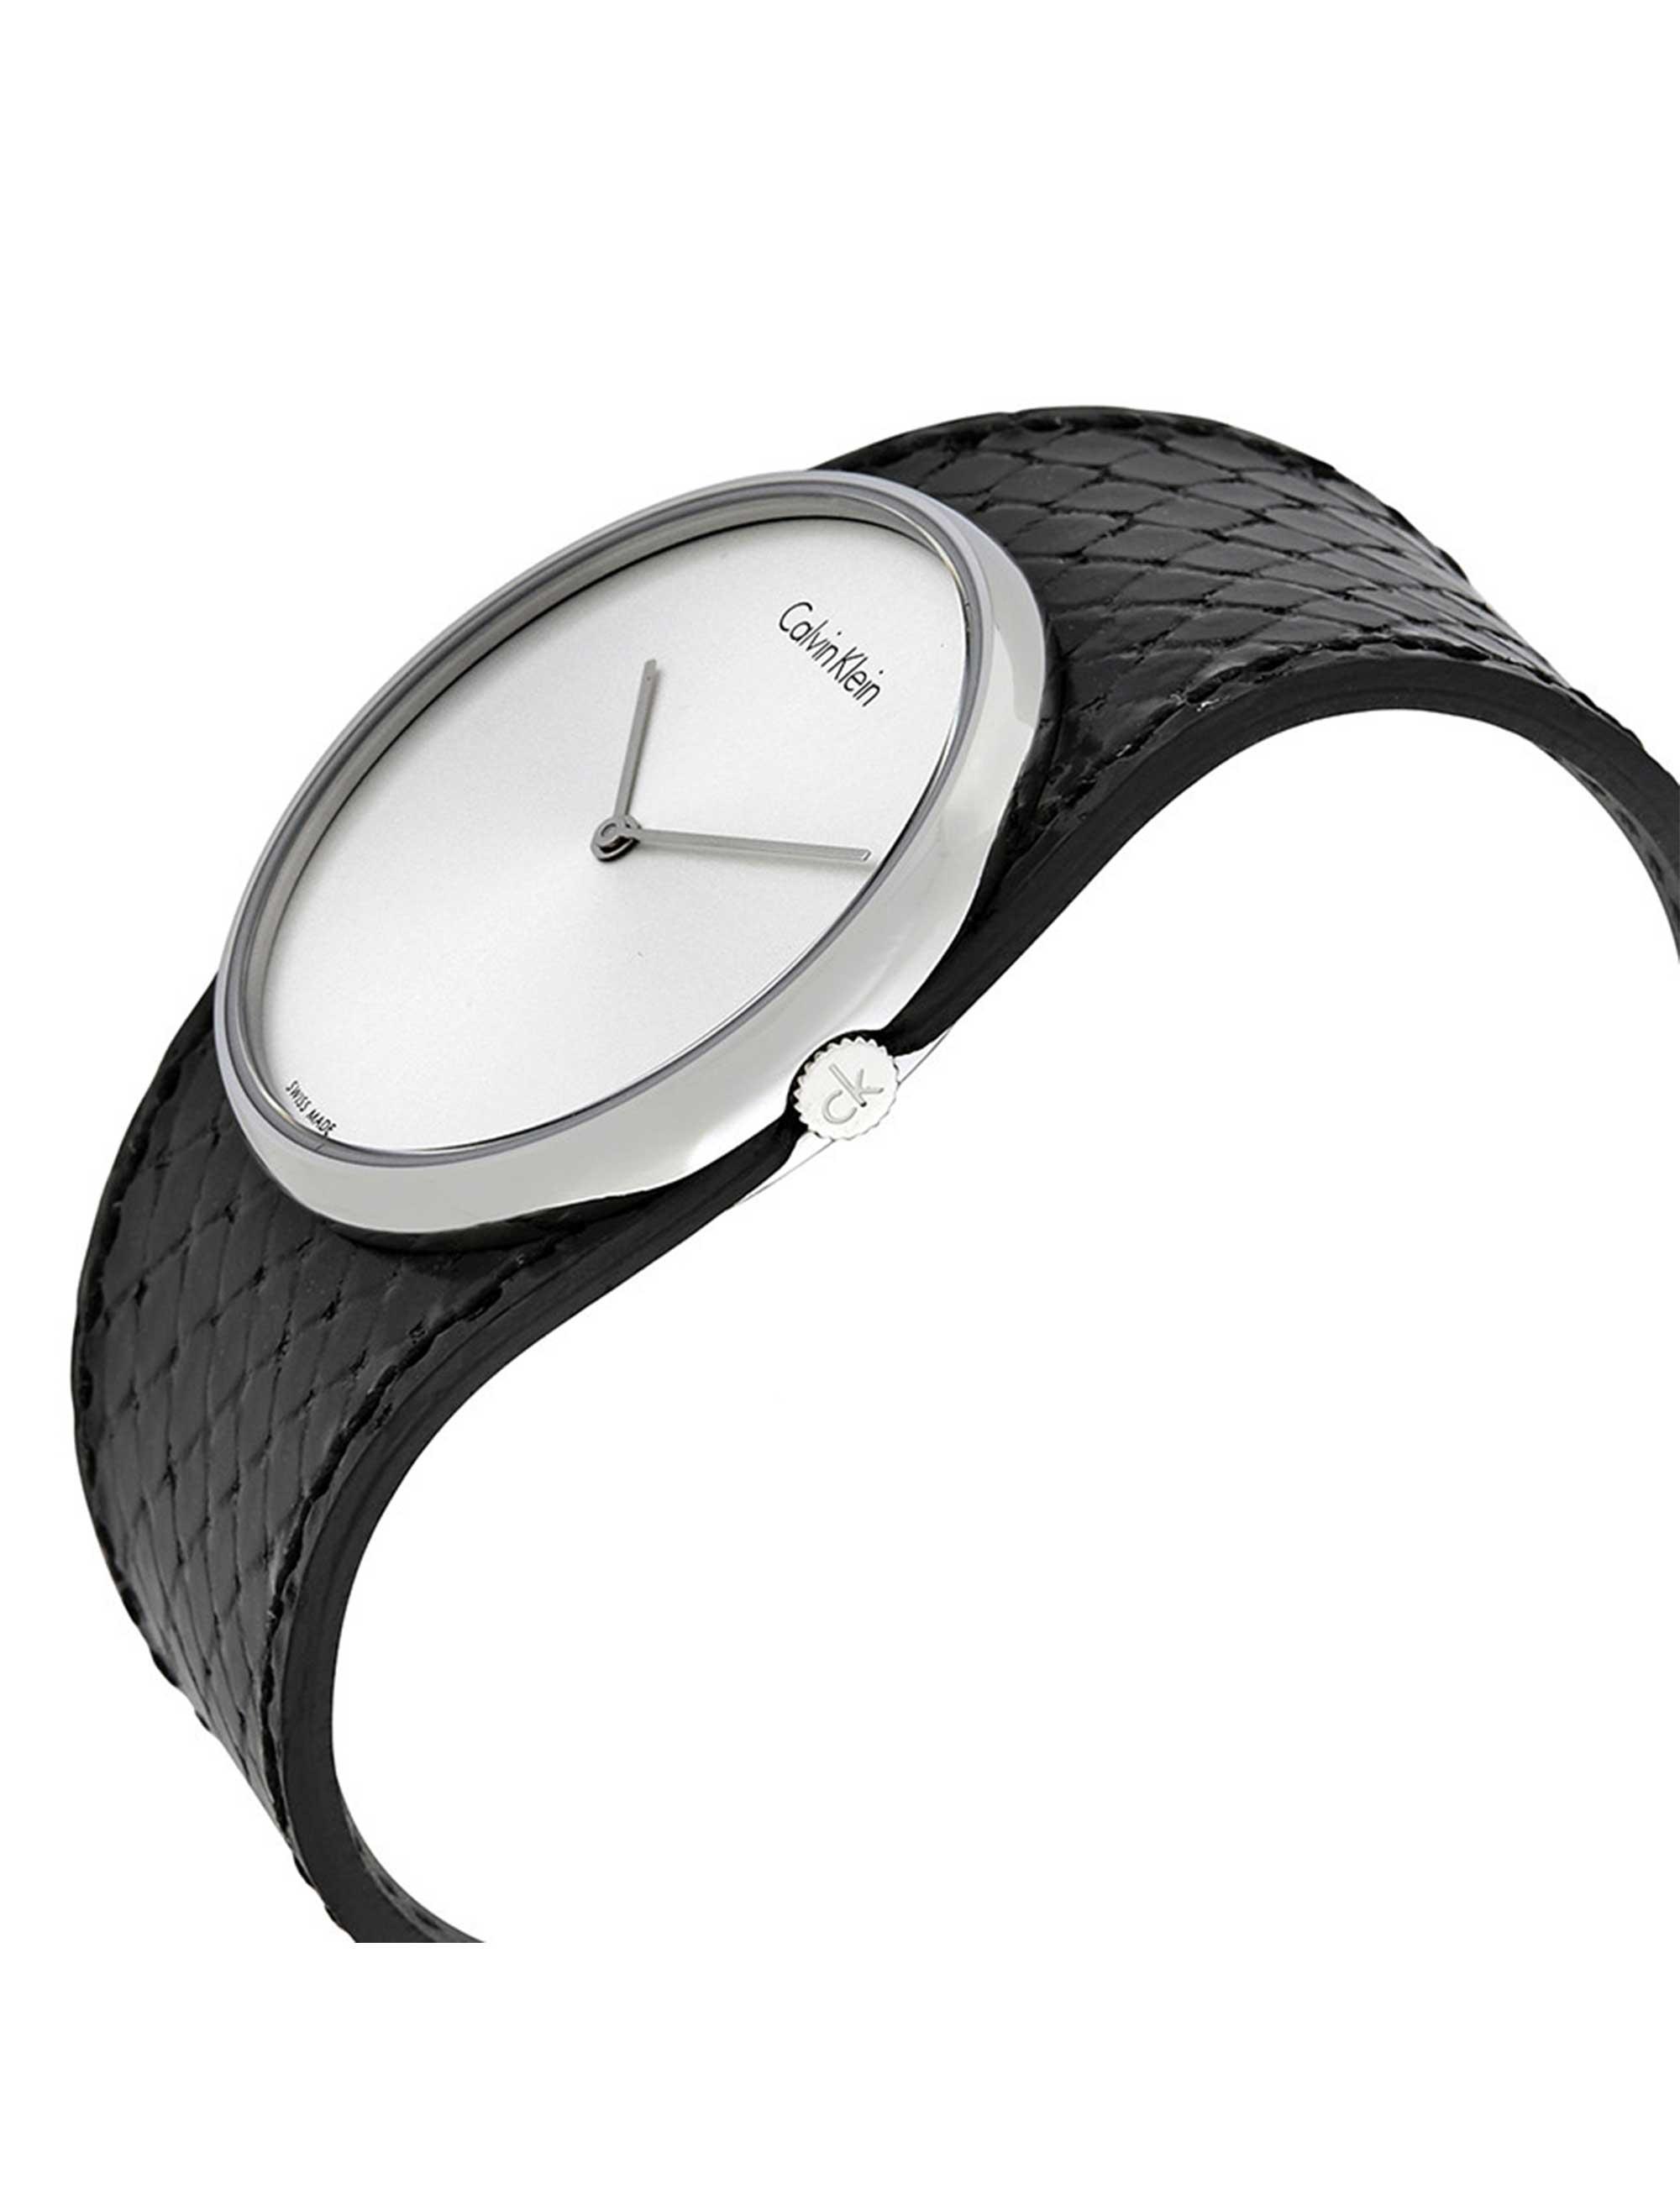 ساعت مچی عقربه ای زنانه کلوین کلاین مدل K5V231.C6              ارزان